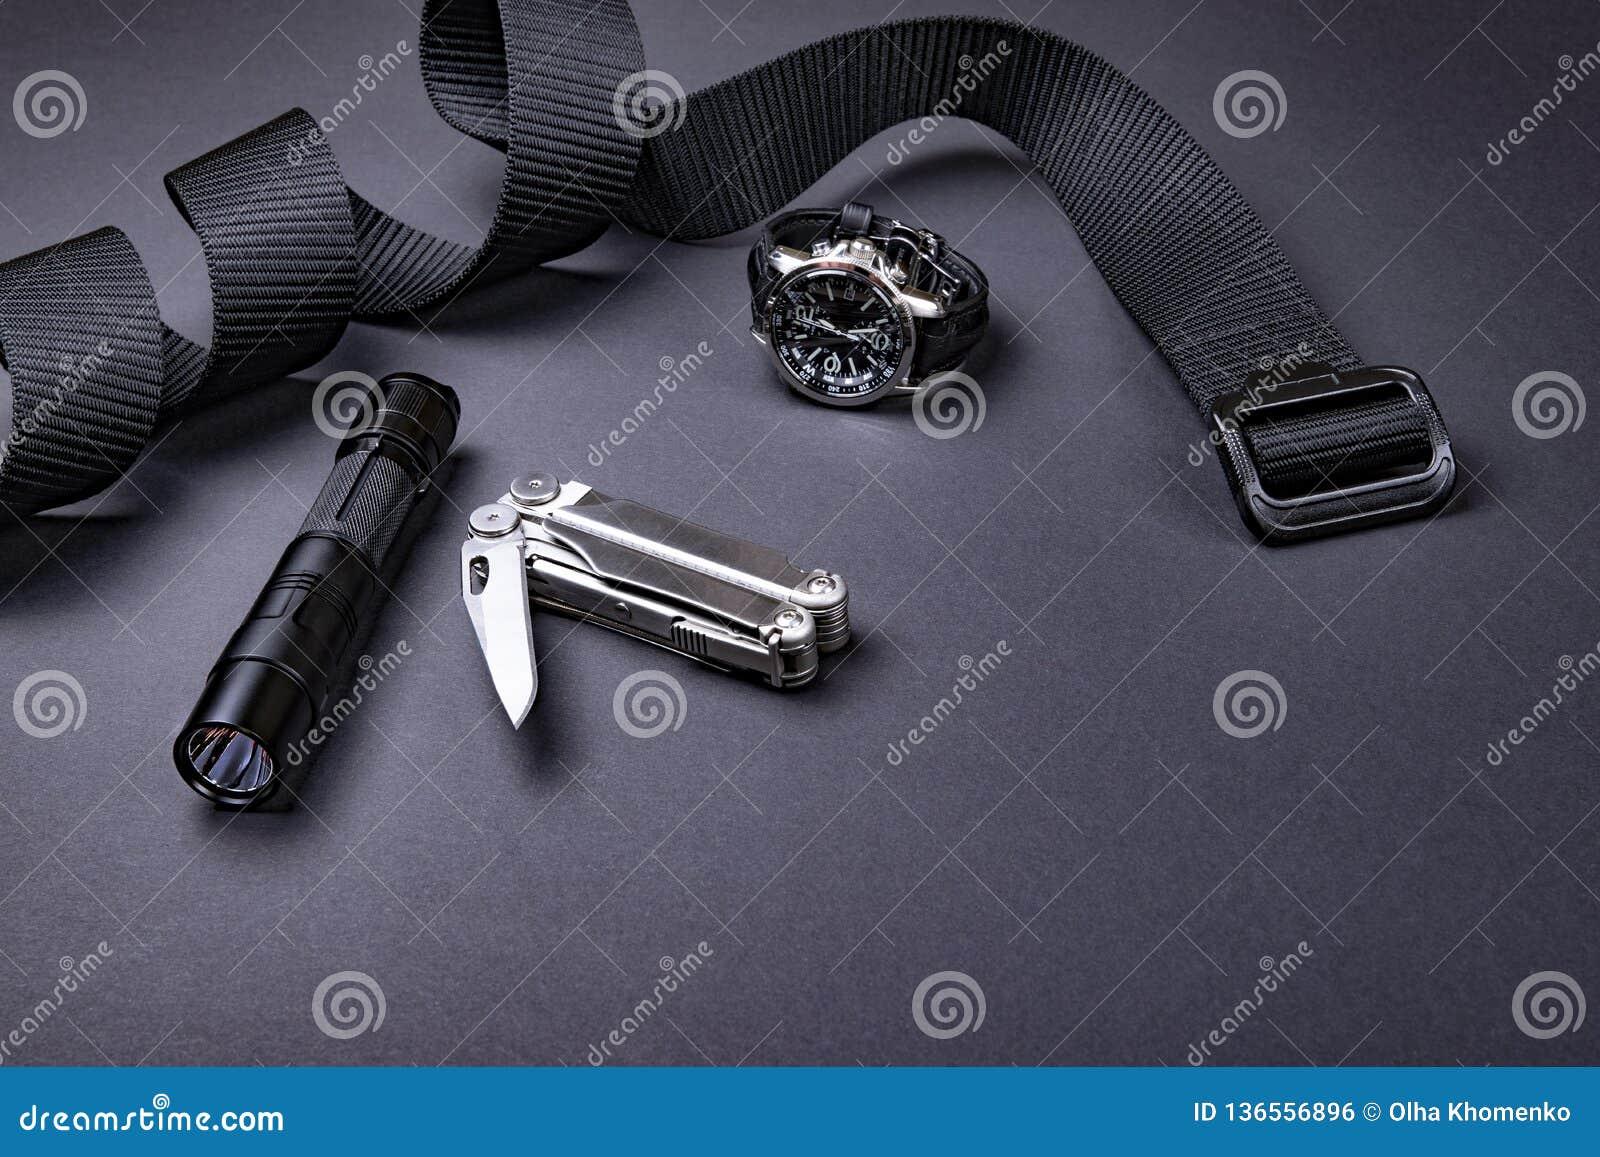 Dagligt bär EDC-objekt för män i svart färg - taktiskt mång- hjälpmedel för bälte, för ficklampa, för klocka och för silver